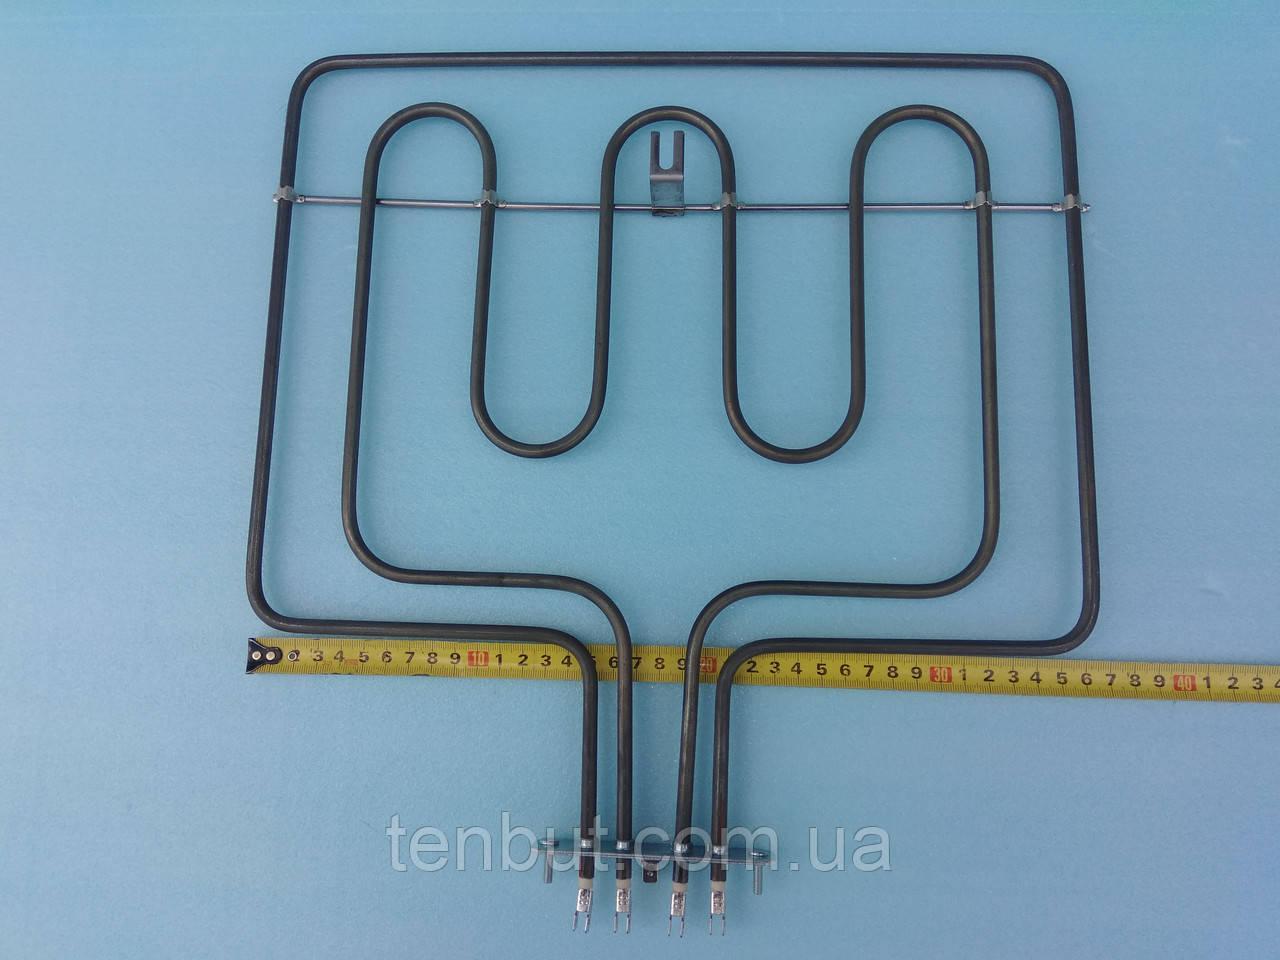 Тэн нержавеющий для электродуховки ARDO 2,5 квт. / 220 В. двойной верхний . Производитель Турция Sanal .